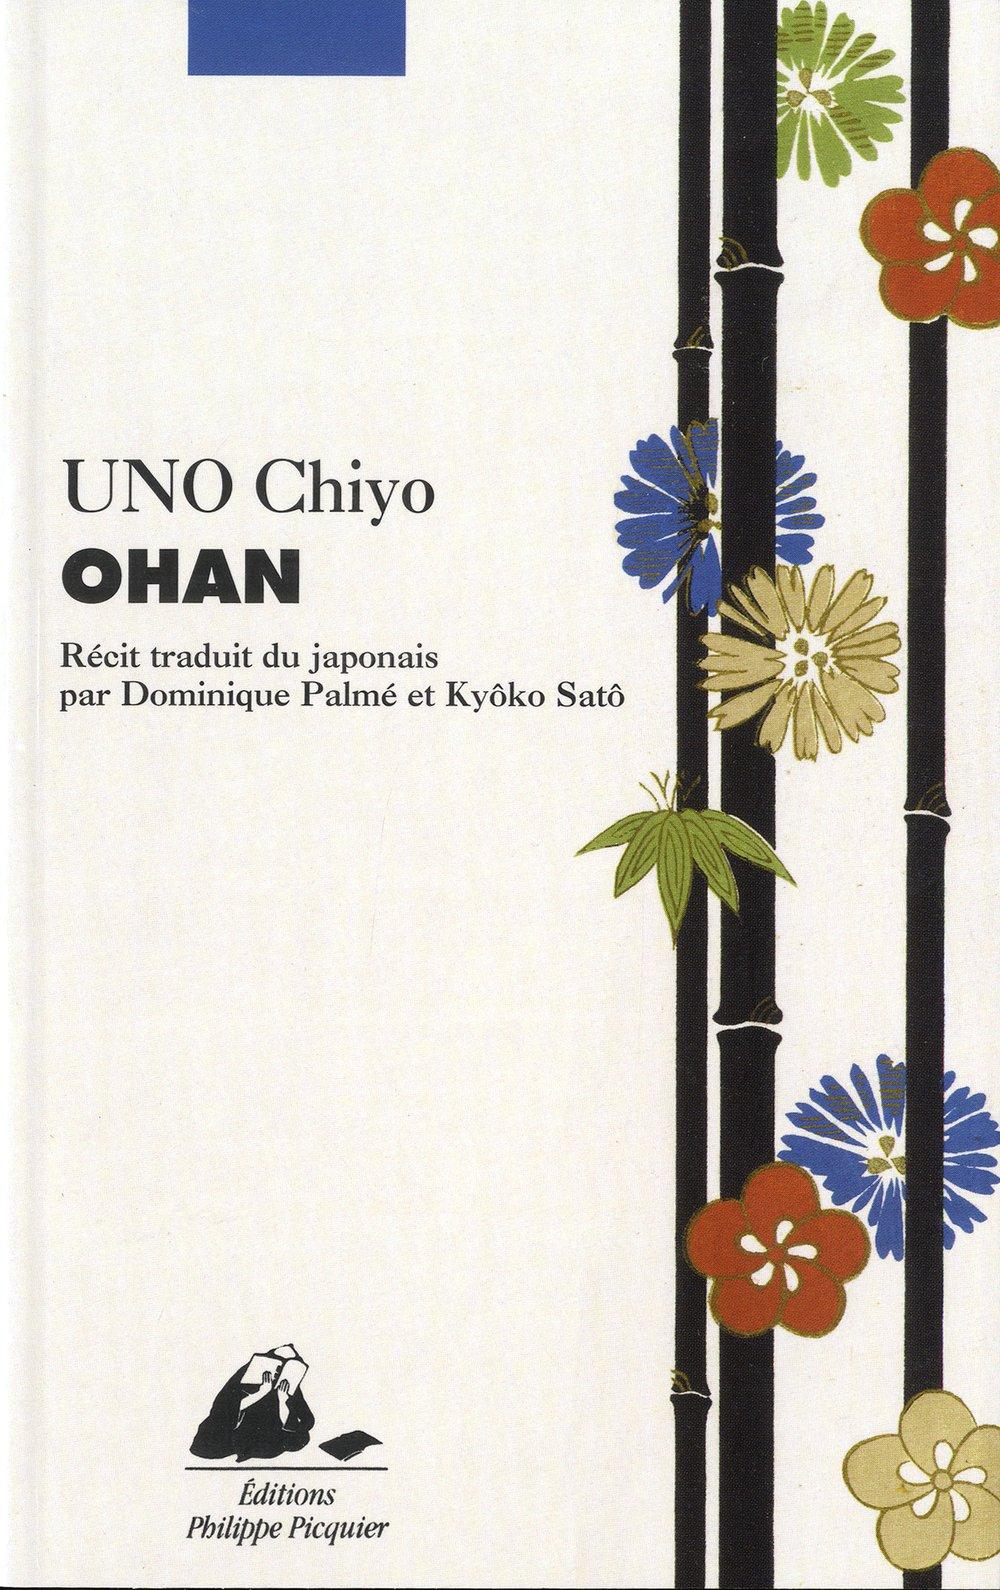 Couverture livre Ohan éditions Philippe Picquier